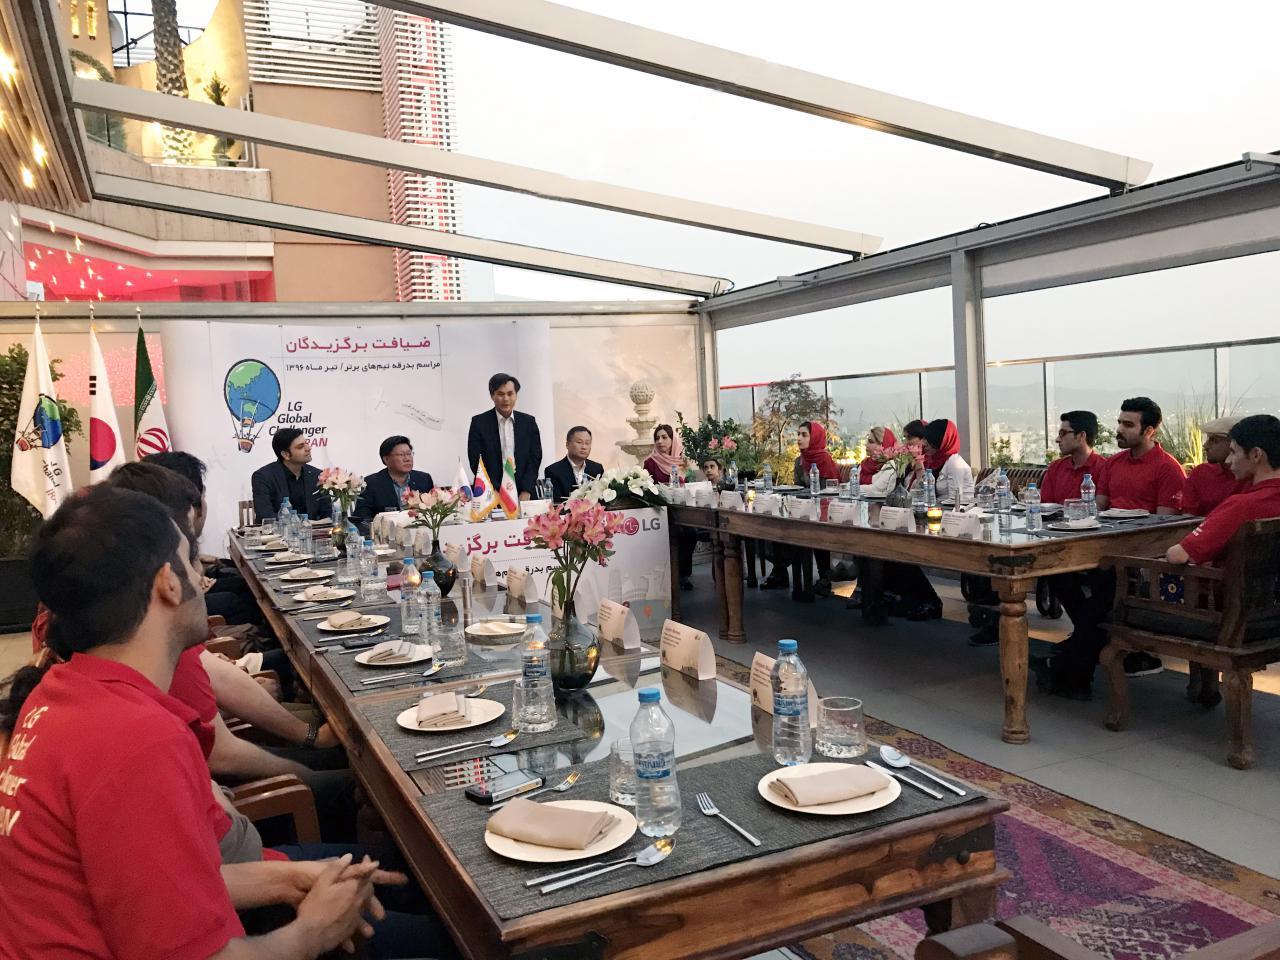 ضیافت LG Global Challenger ؛ تیمهای برتر سفر تحقیقاتی الجی قبل از عازم شدن با سفیر کرهجنوبی دیدار کردند